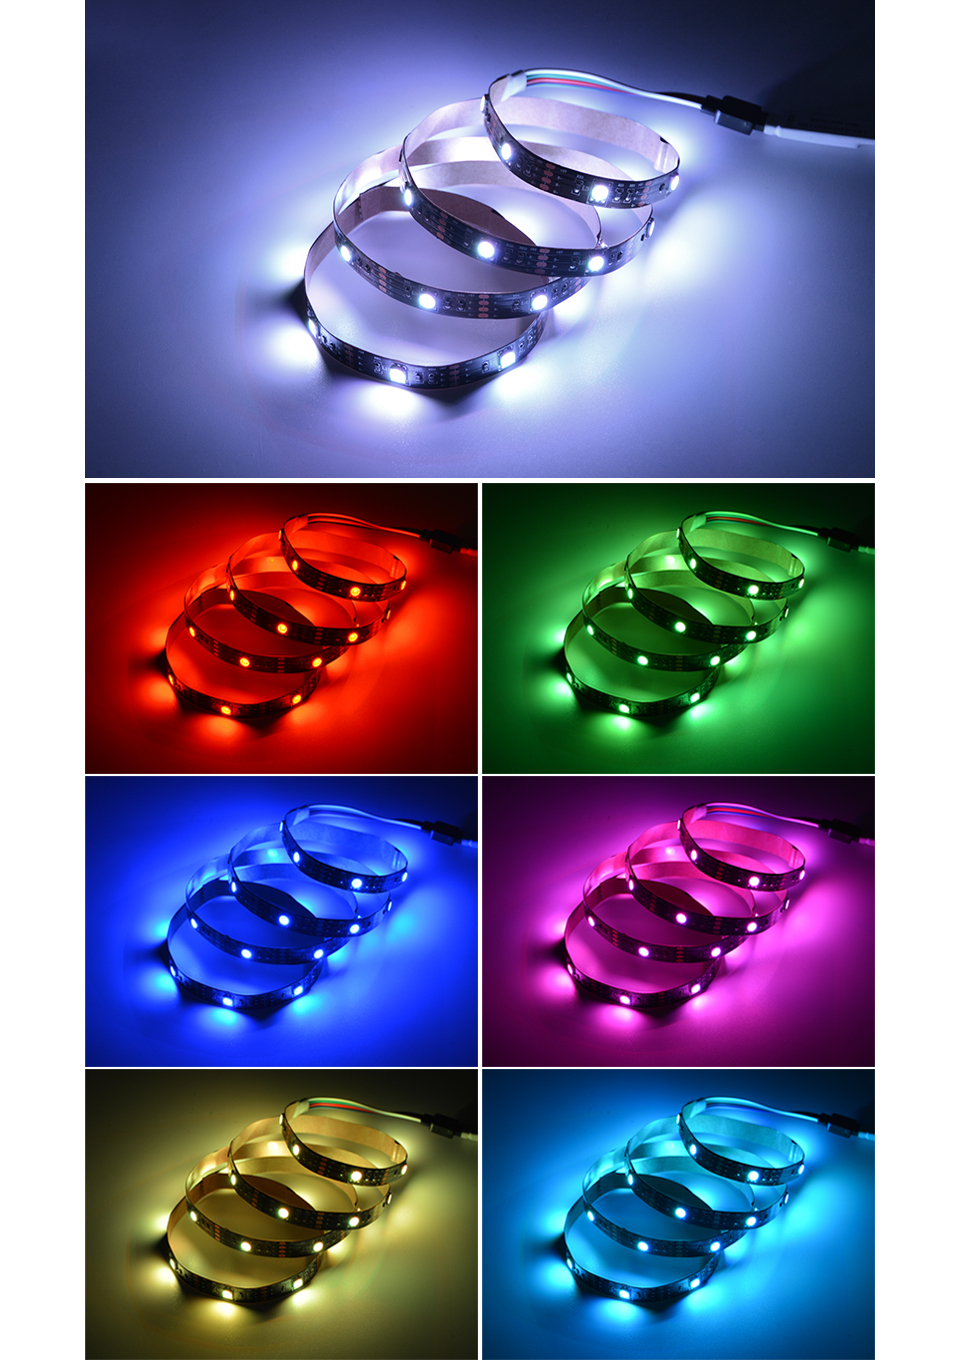 HTB1NKcCnmcqBKNjSZFgq6x kXXaw - DC 5V 5050 SMD RGB USB LED strip Light Ribbon tape 1M 2M 3M 4M 5M USB charger LED lamp 3key 17key 24key RGB remote control